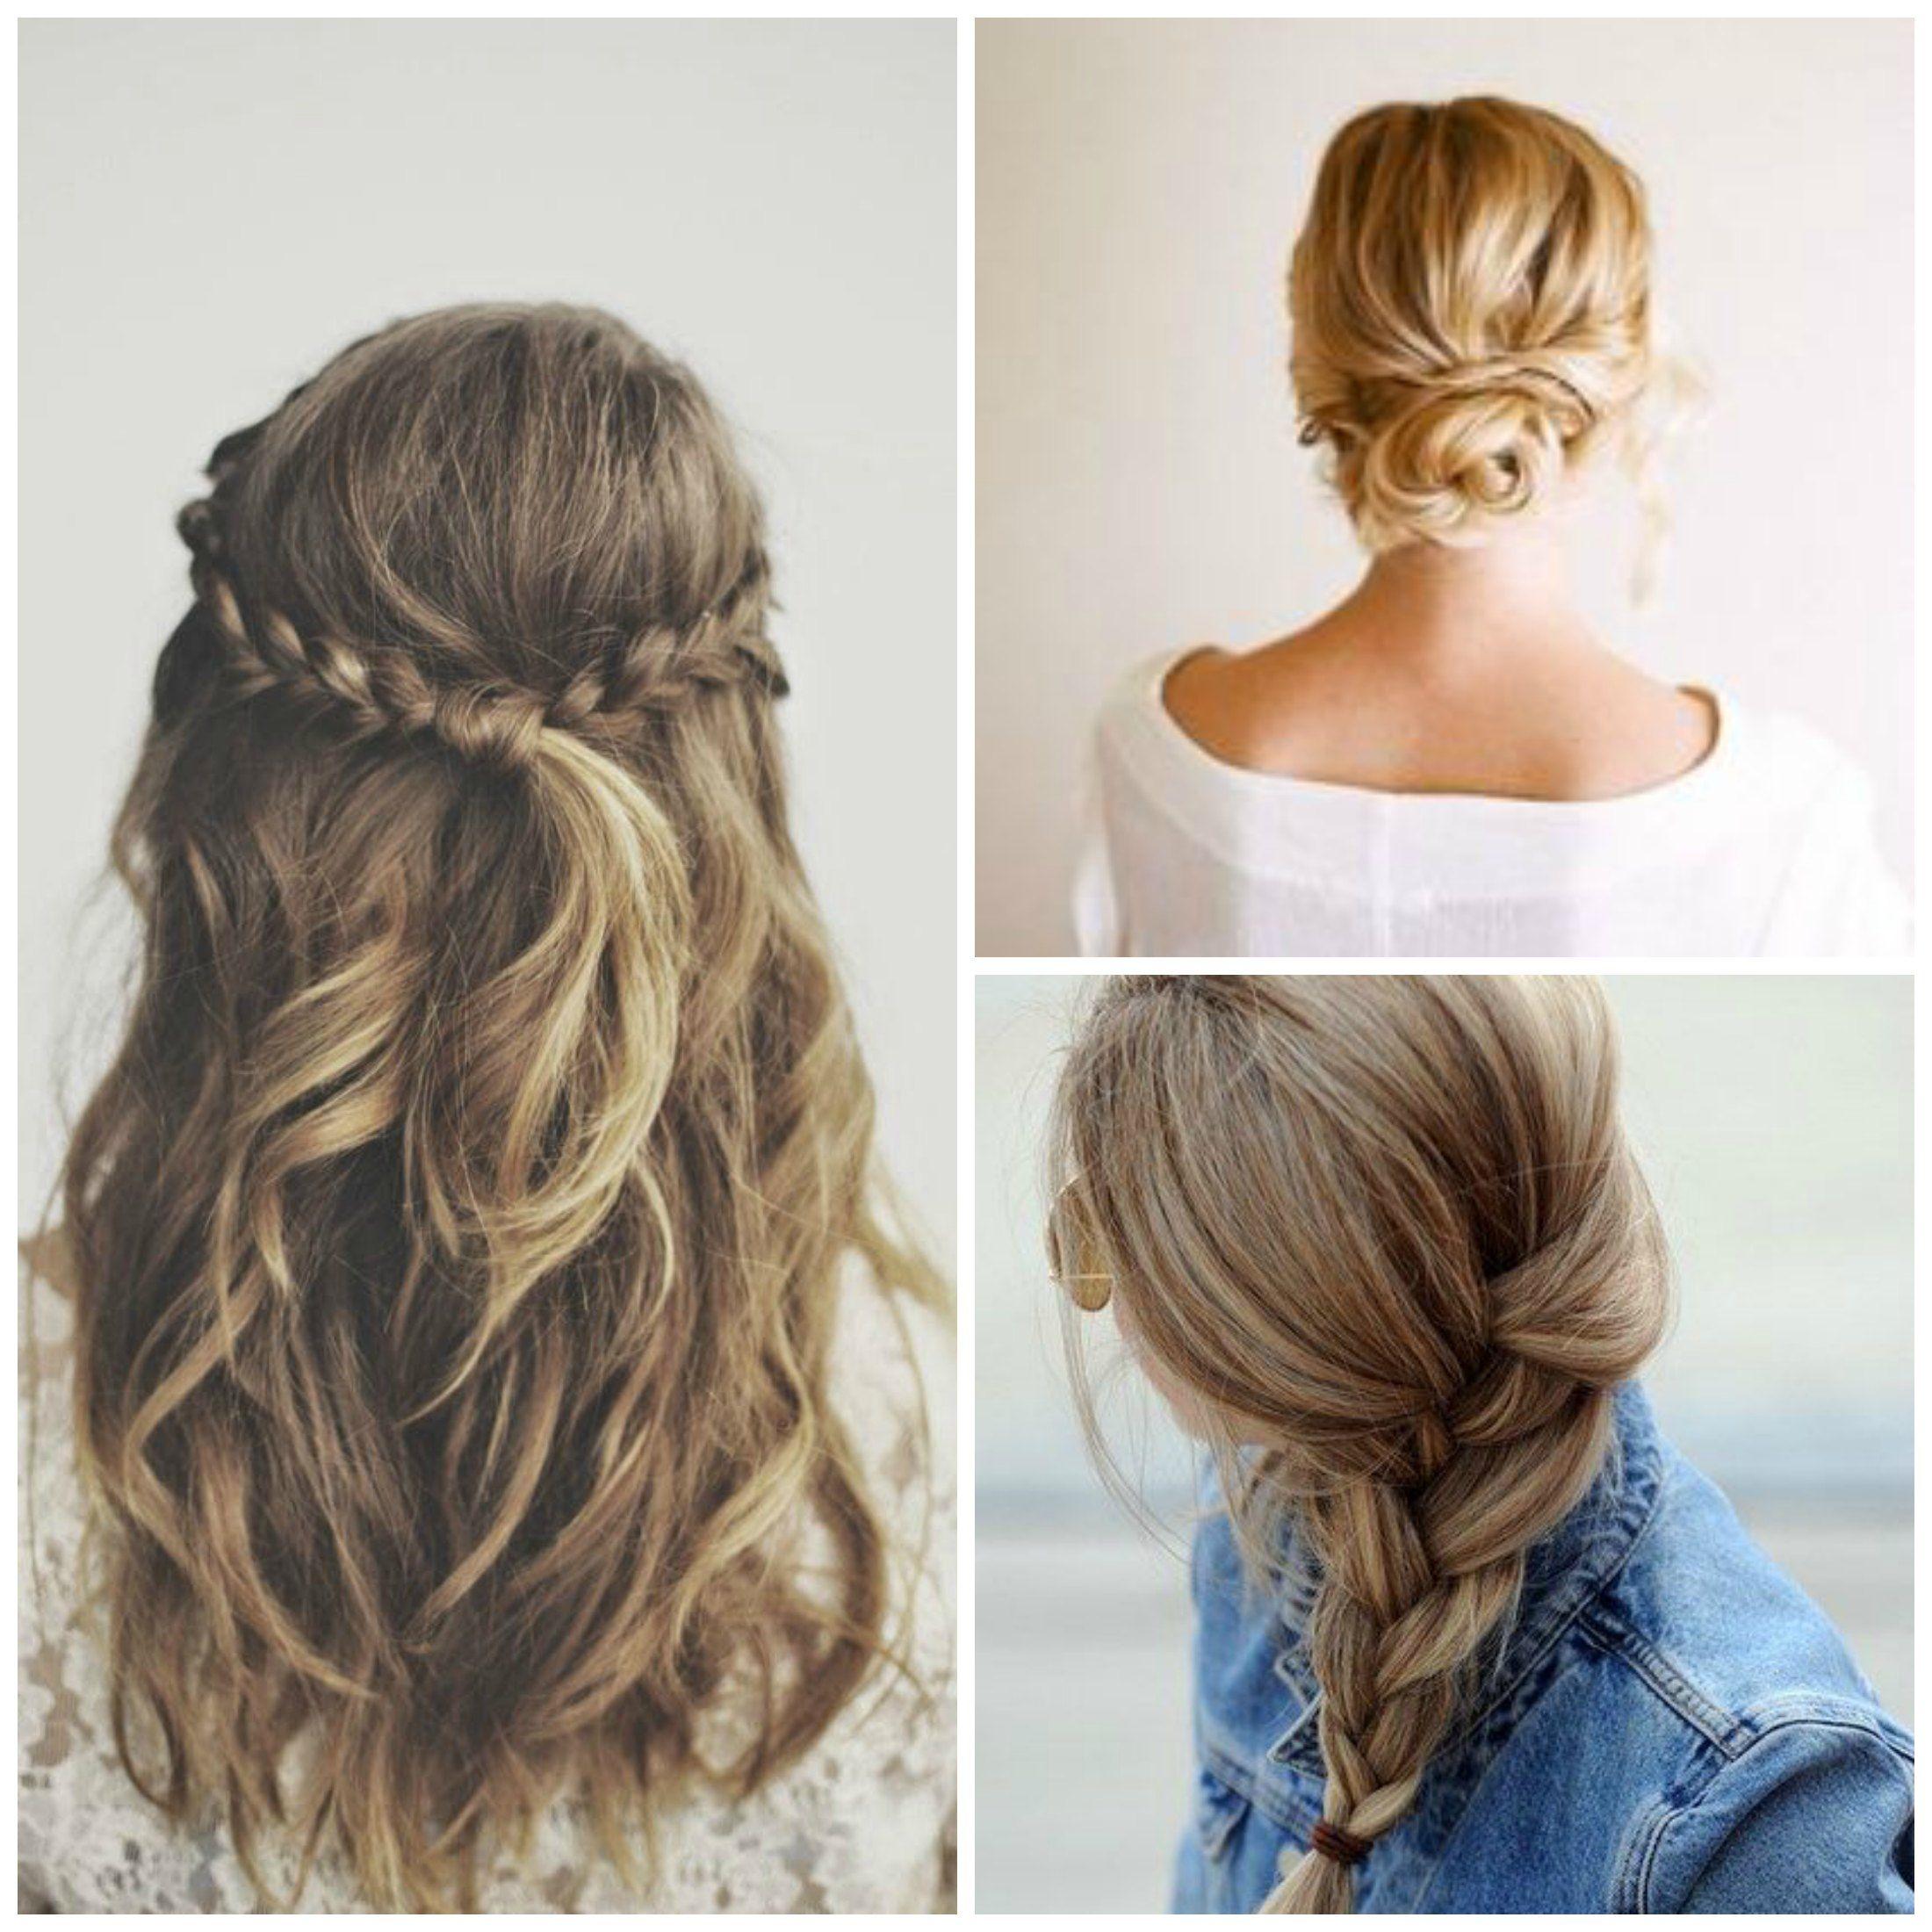 Peinados casuales paso a paso buscar con google - Peinados faciles paso a paso ...